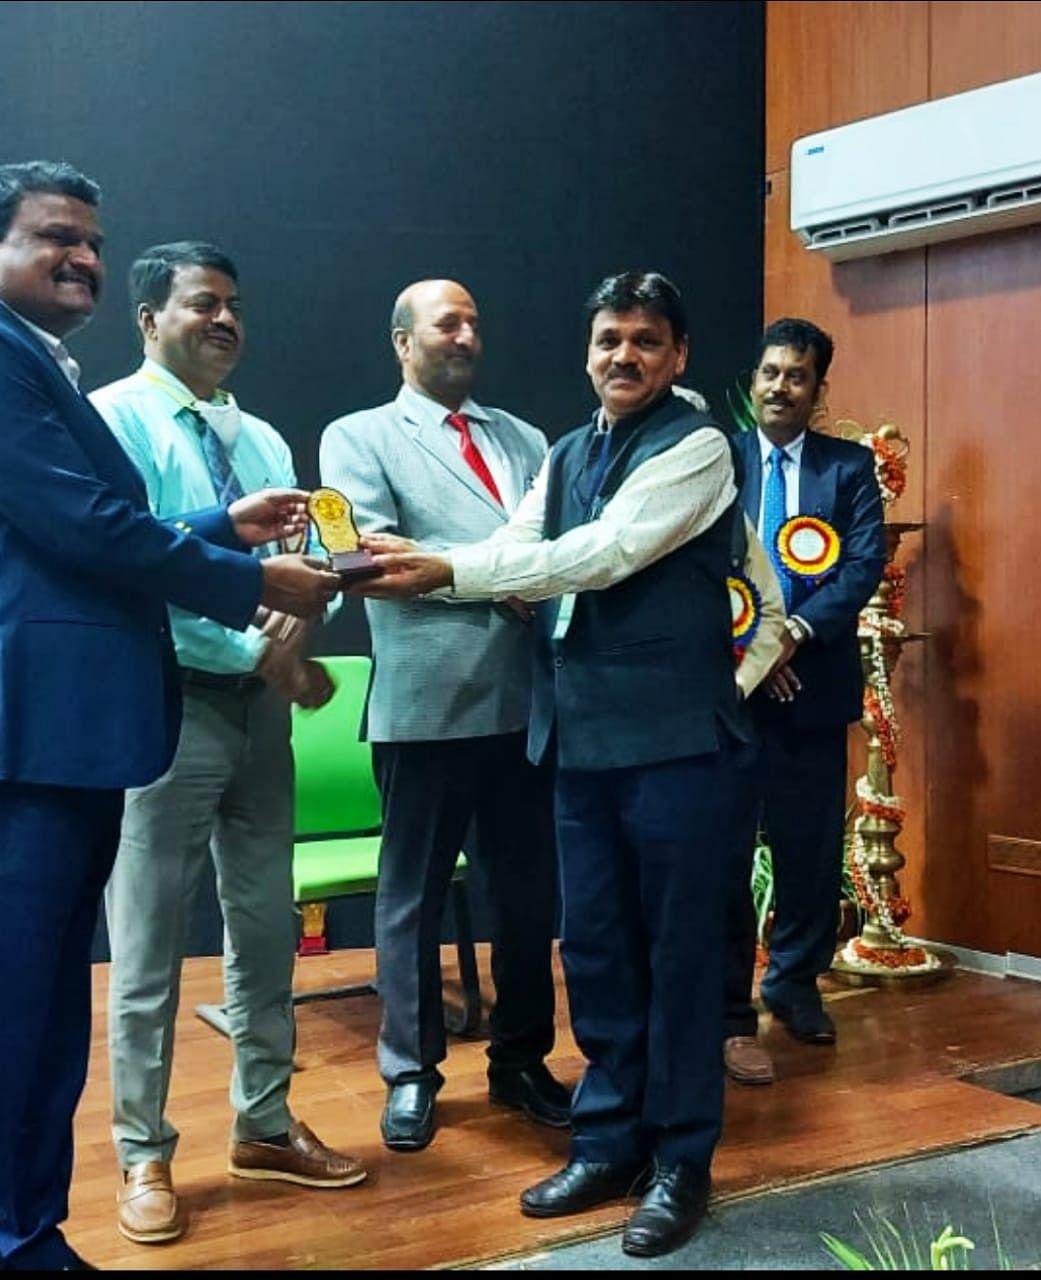 दुर्ग : कामधेनू विश्वविद्यालय दुर्ग के पुस्तकालय अध्यक्ष डॉ दिलीप चौधरी को अंतरराष्ट्रीय सम्मेलन में मिला बेस्ट लाइब्रेरियन का अवार्ड